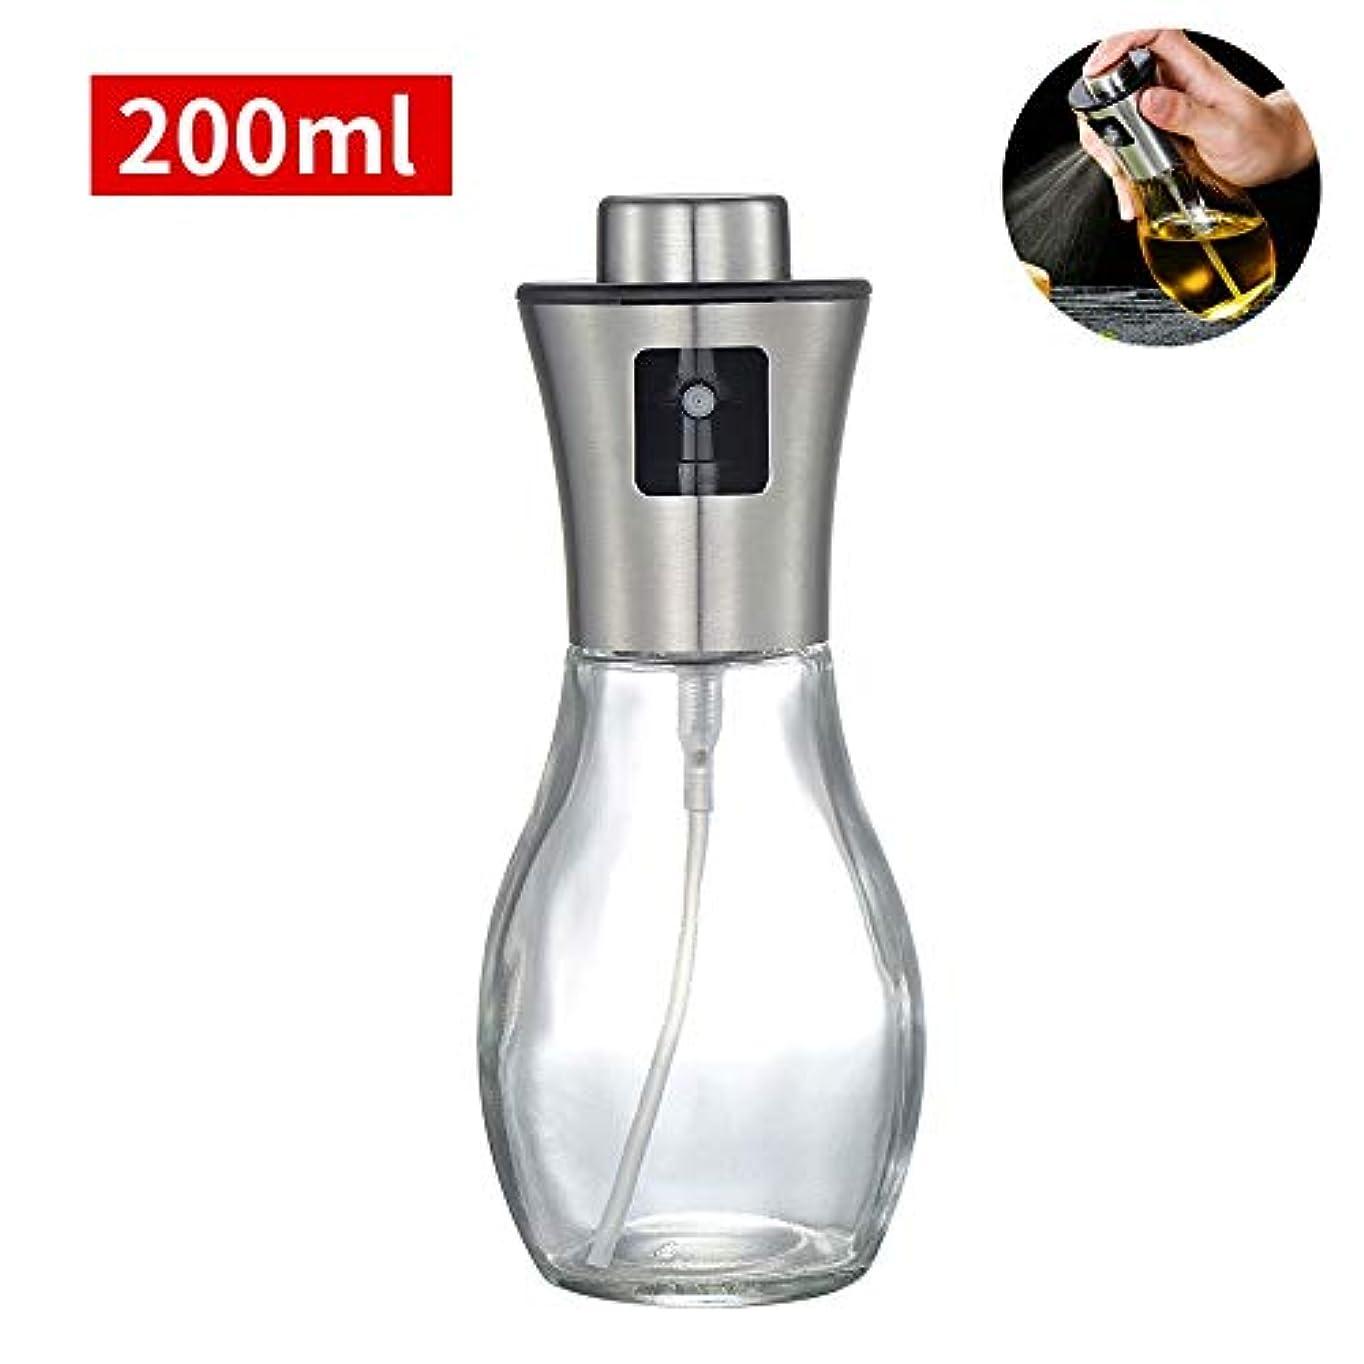 ゴミ今幻想オイルボトル - キッチンオイルコントロールバーベキューオイルボトル、オリーブオイルスプレーボトル、ステンレススチールスプレーボトル